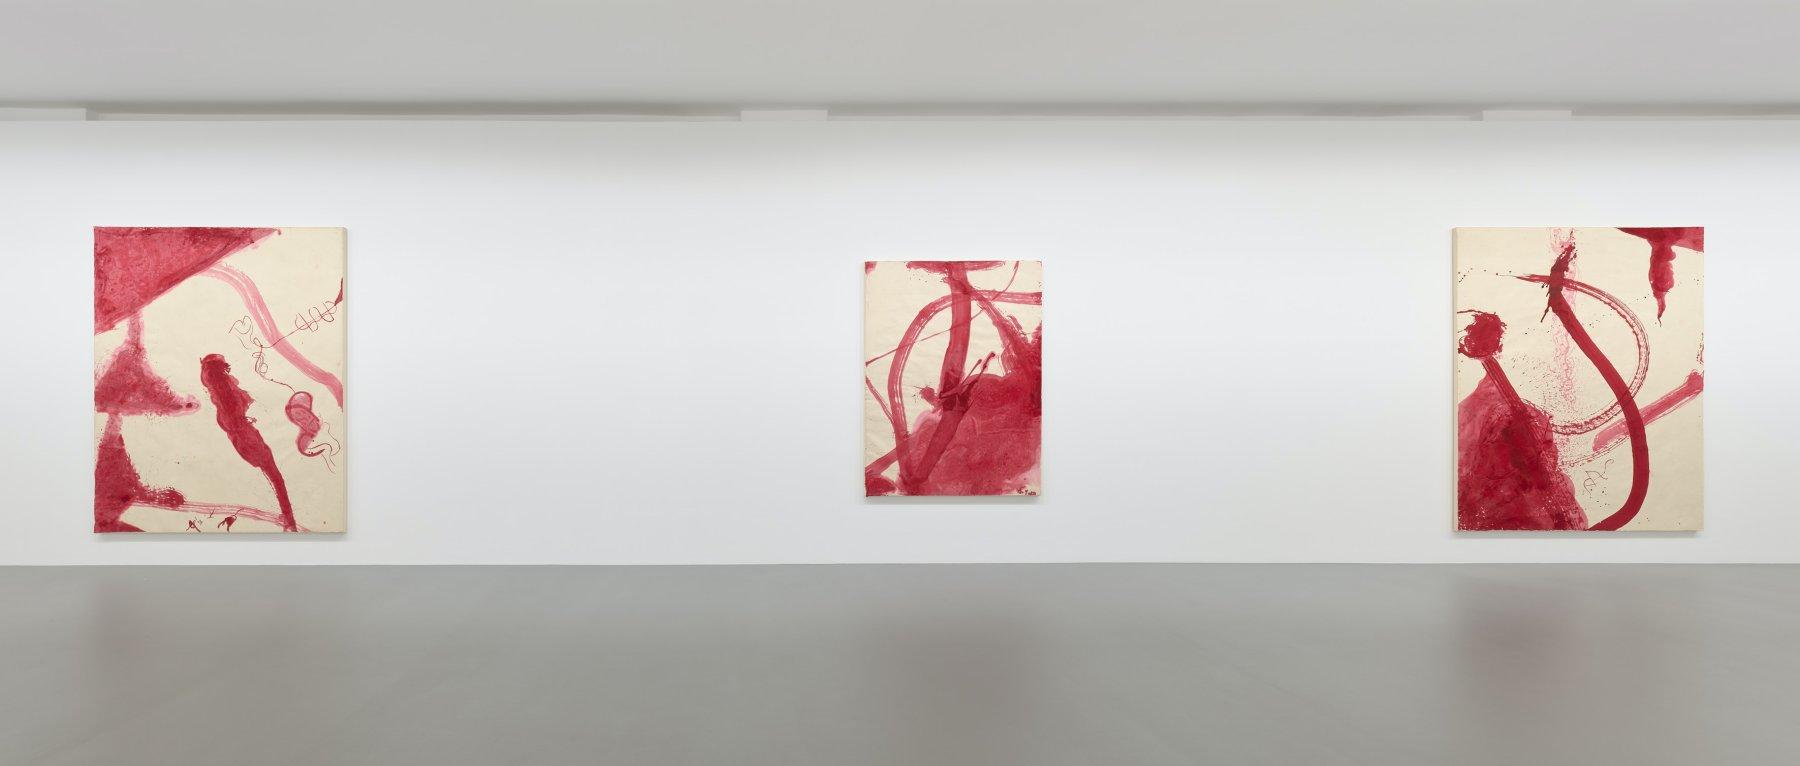 Galerie Max Hetzler Julian Schnabel 1